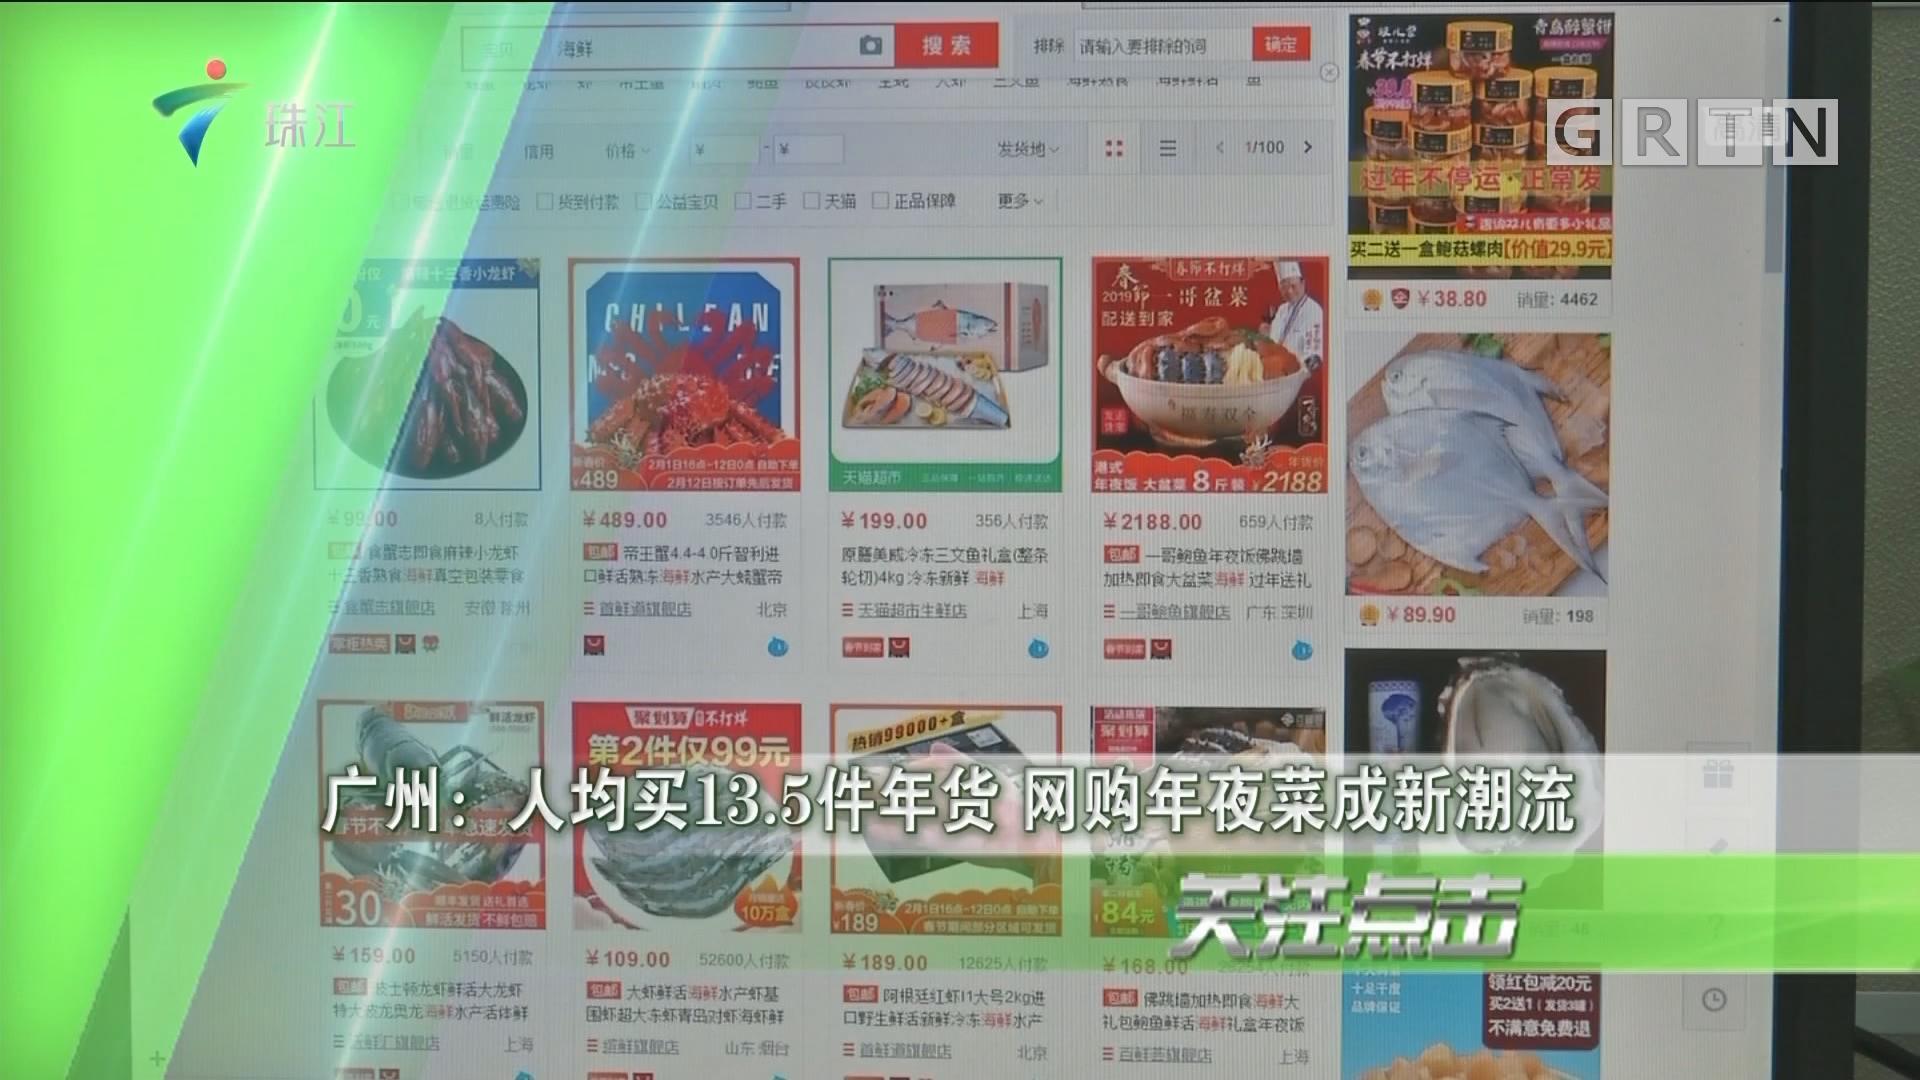 广州:人均买13.5件年货 网购年夜菜成新潮流